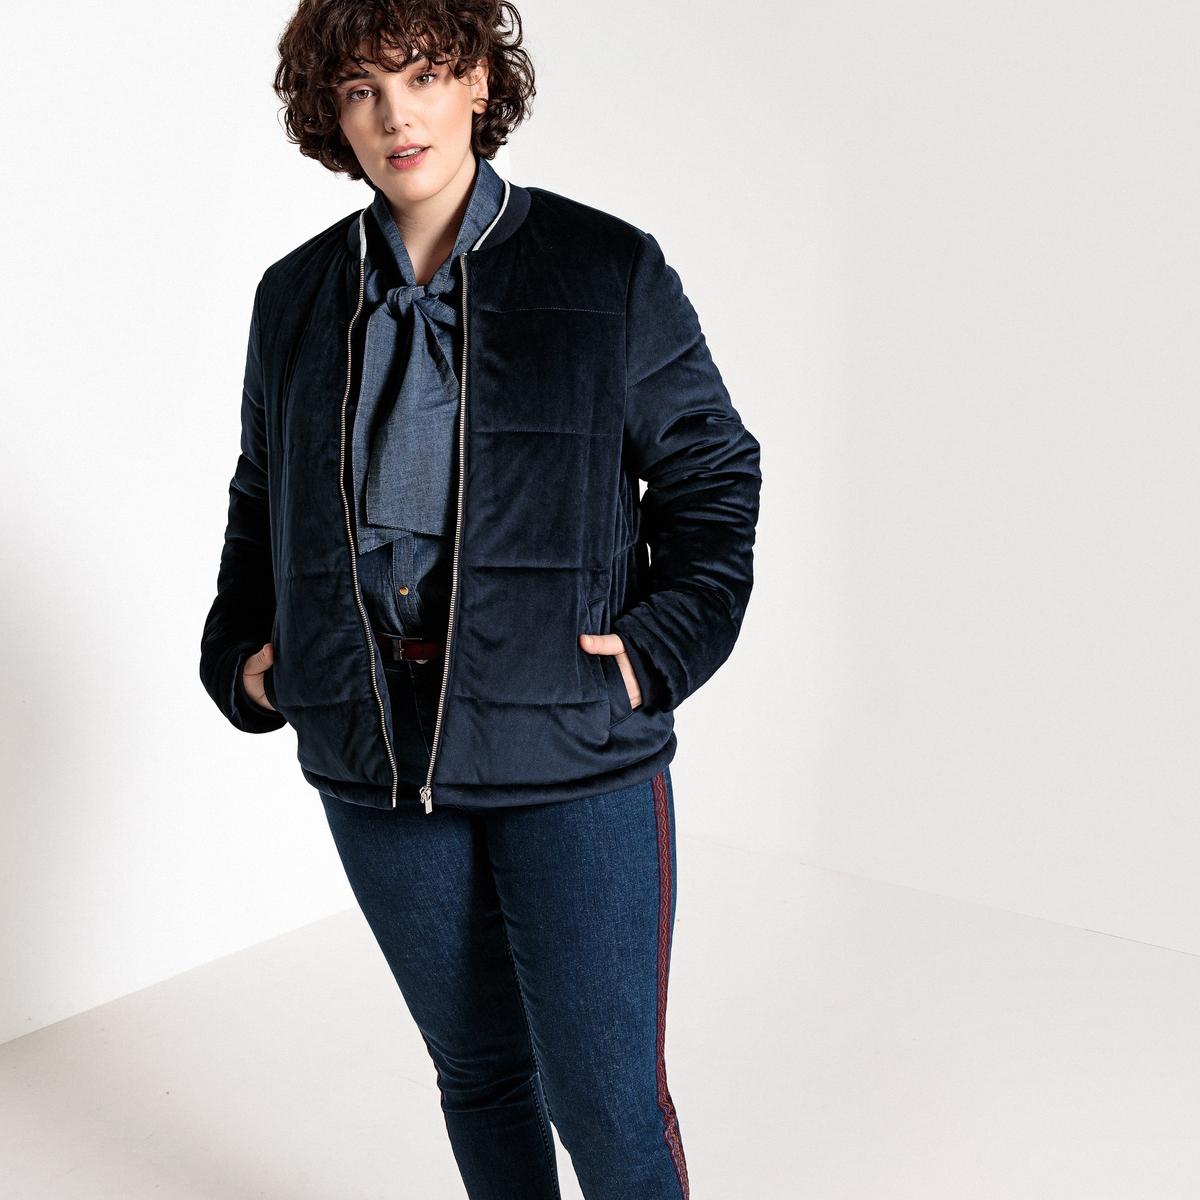 Куртка стеганая короткая на молнии куртка стеганая короткая с леопардовым принтом